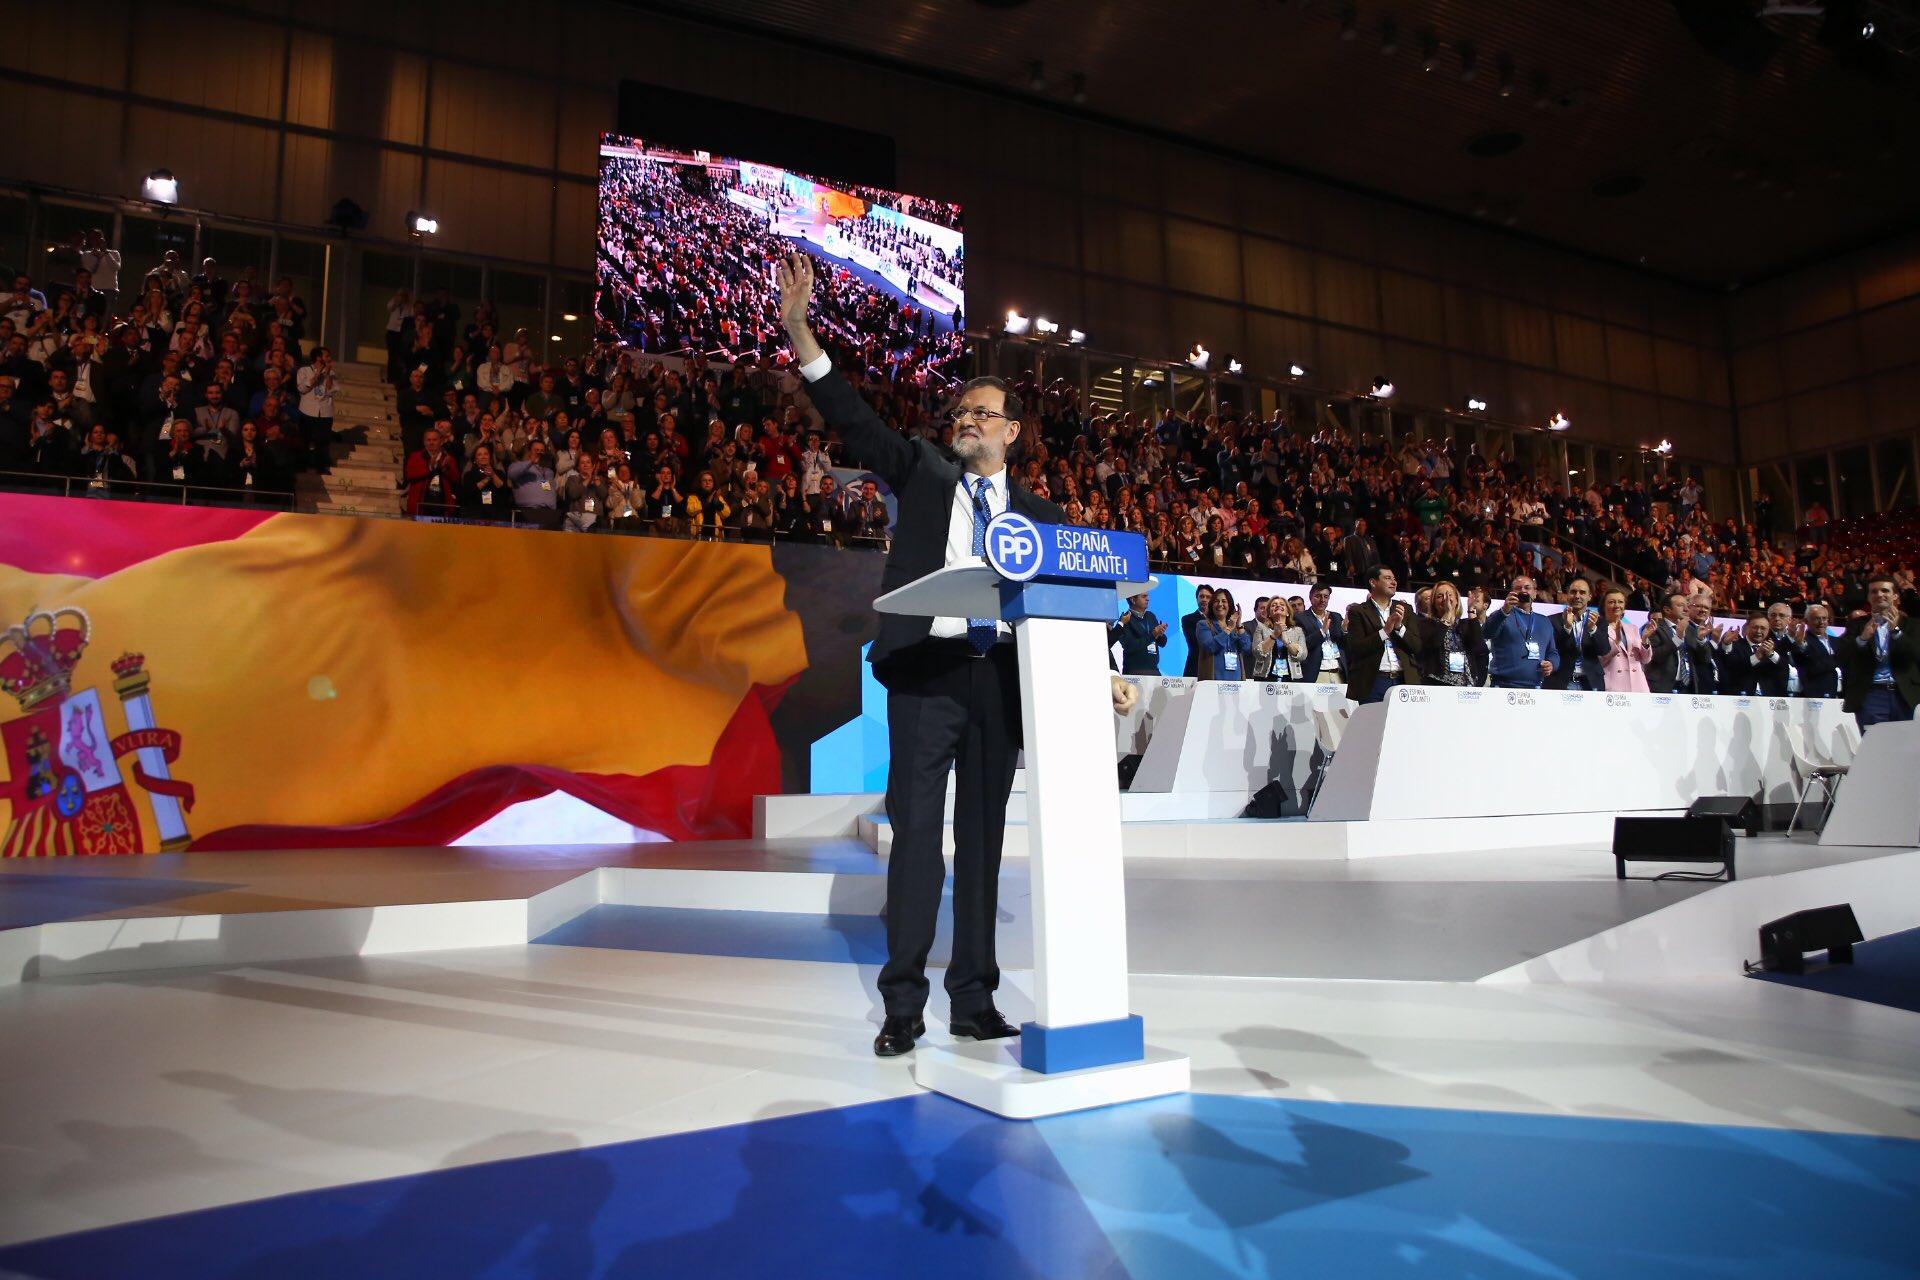 El hilo de Mariano Rajoy - Página 5 C4doDNFWIAAJhXQ